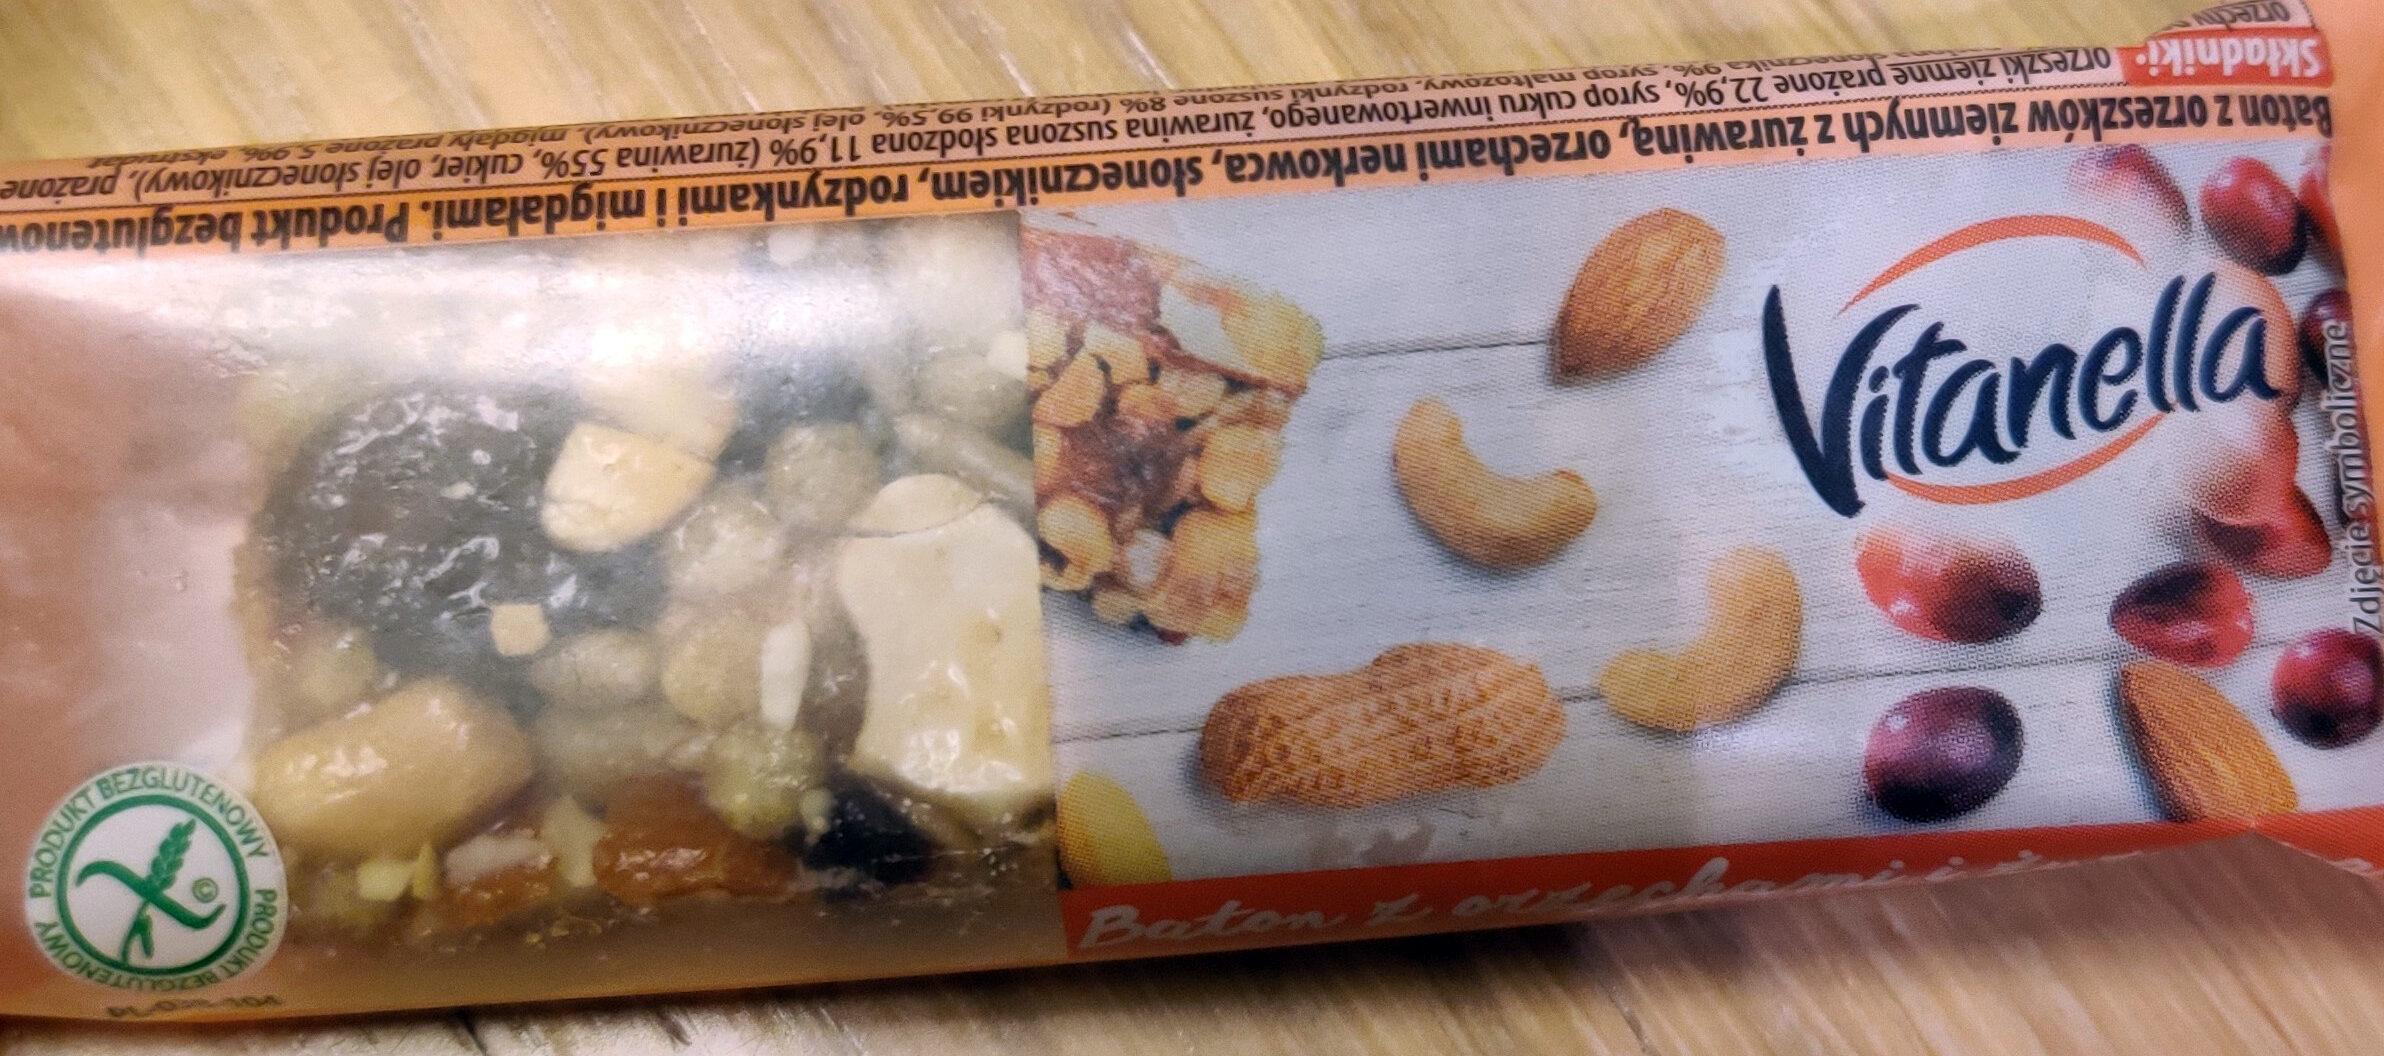 Baton z orzeszków ziemnych z  żurawiną, orzechami nerkowca, słonecznikiem, rodzynkami i migdałami. - Produkt